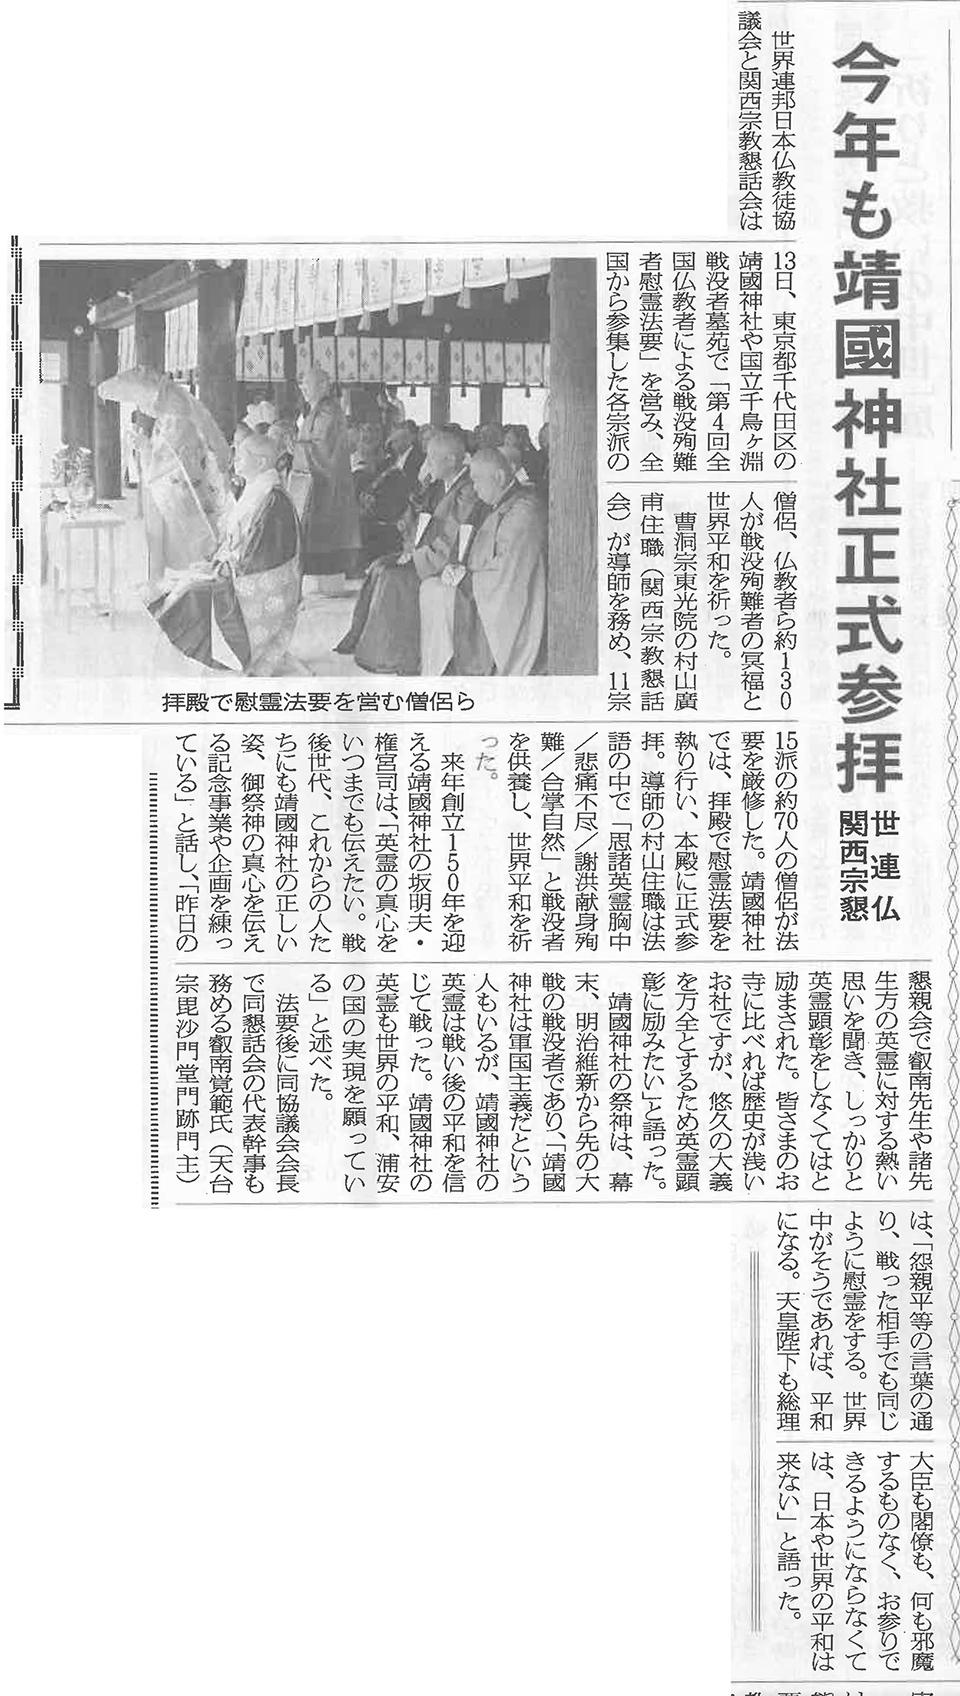 http://www.serenbutu.jp/news/20181122bukkyotimes.jpg